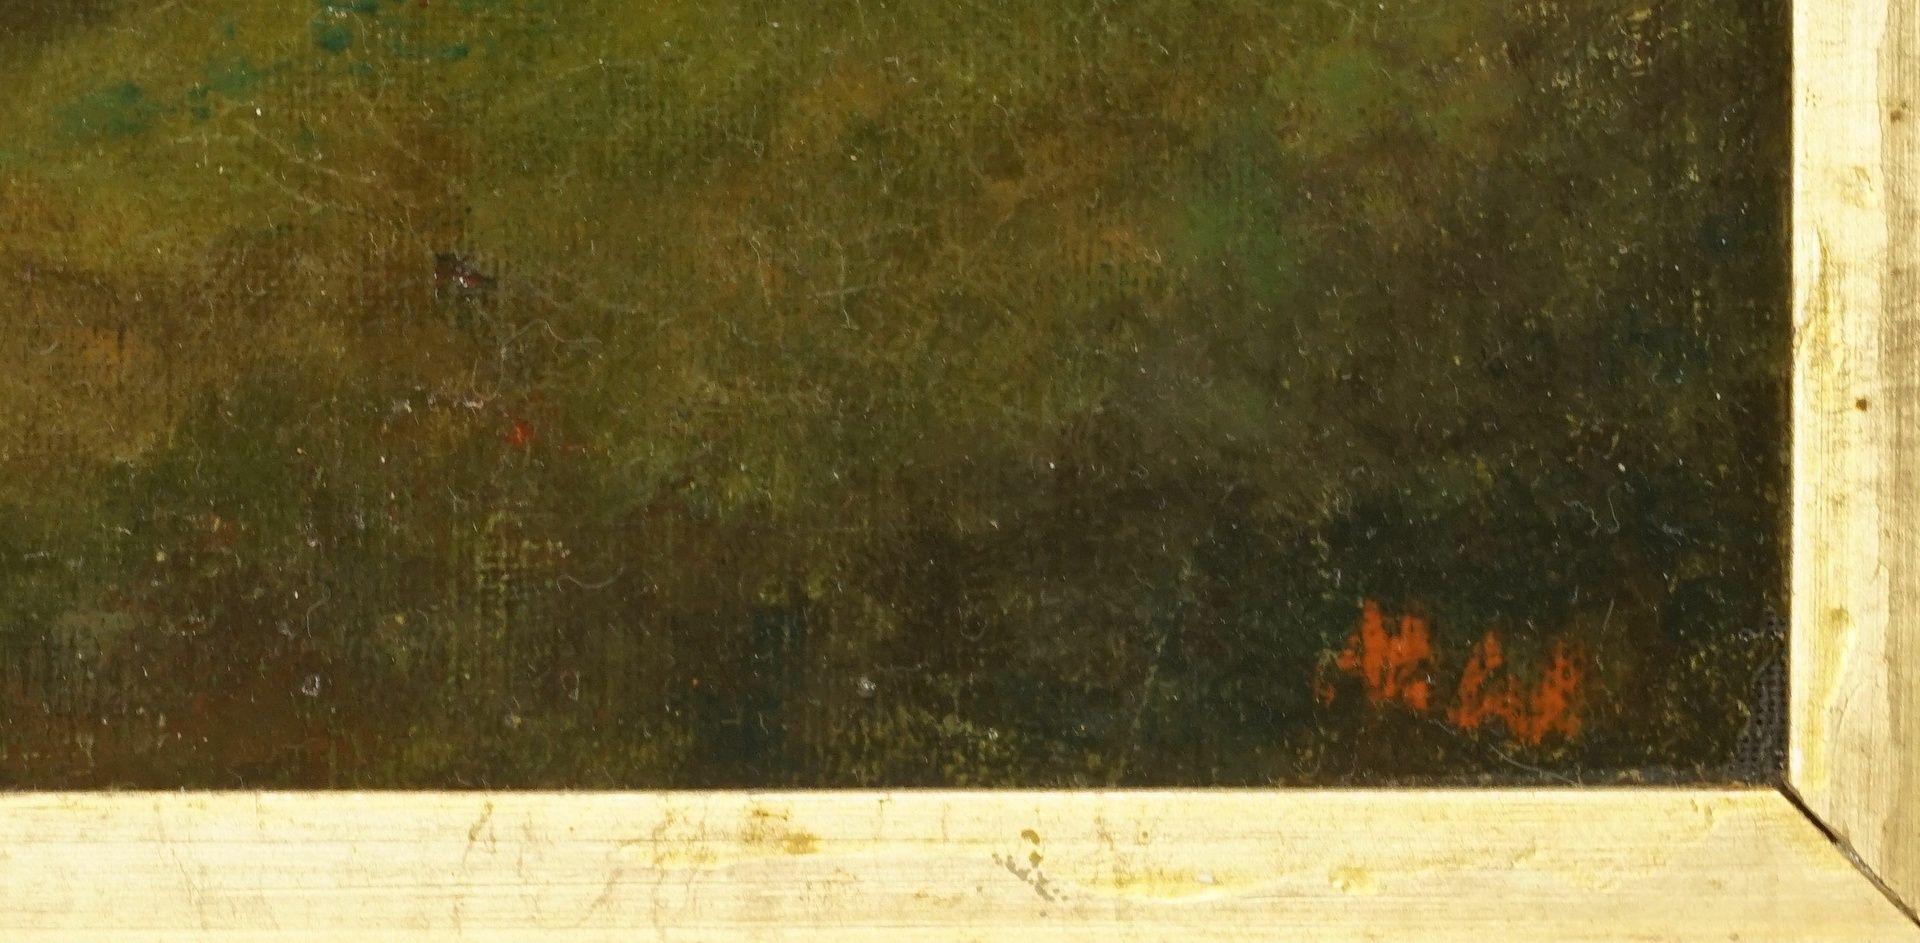 """Unbekannter Spätromantiker, """"Ruine mit Spitzbogentor"""" - Bild 4 aus 4"""